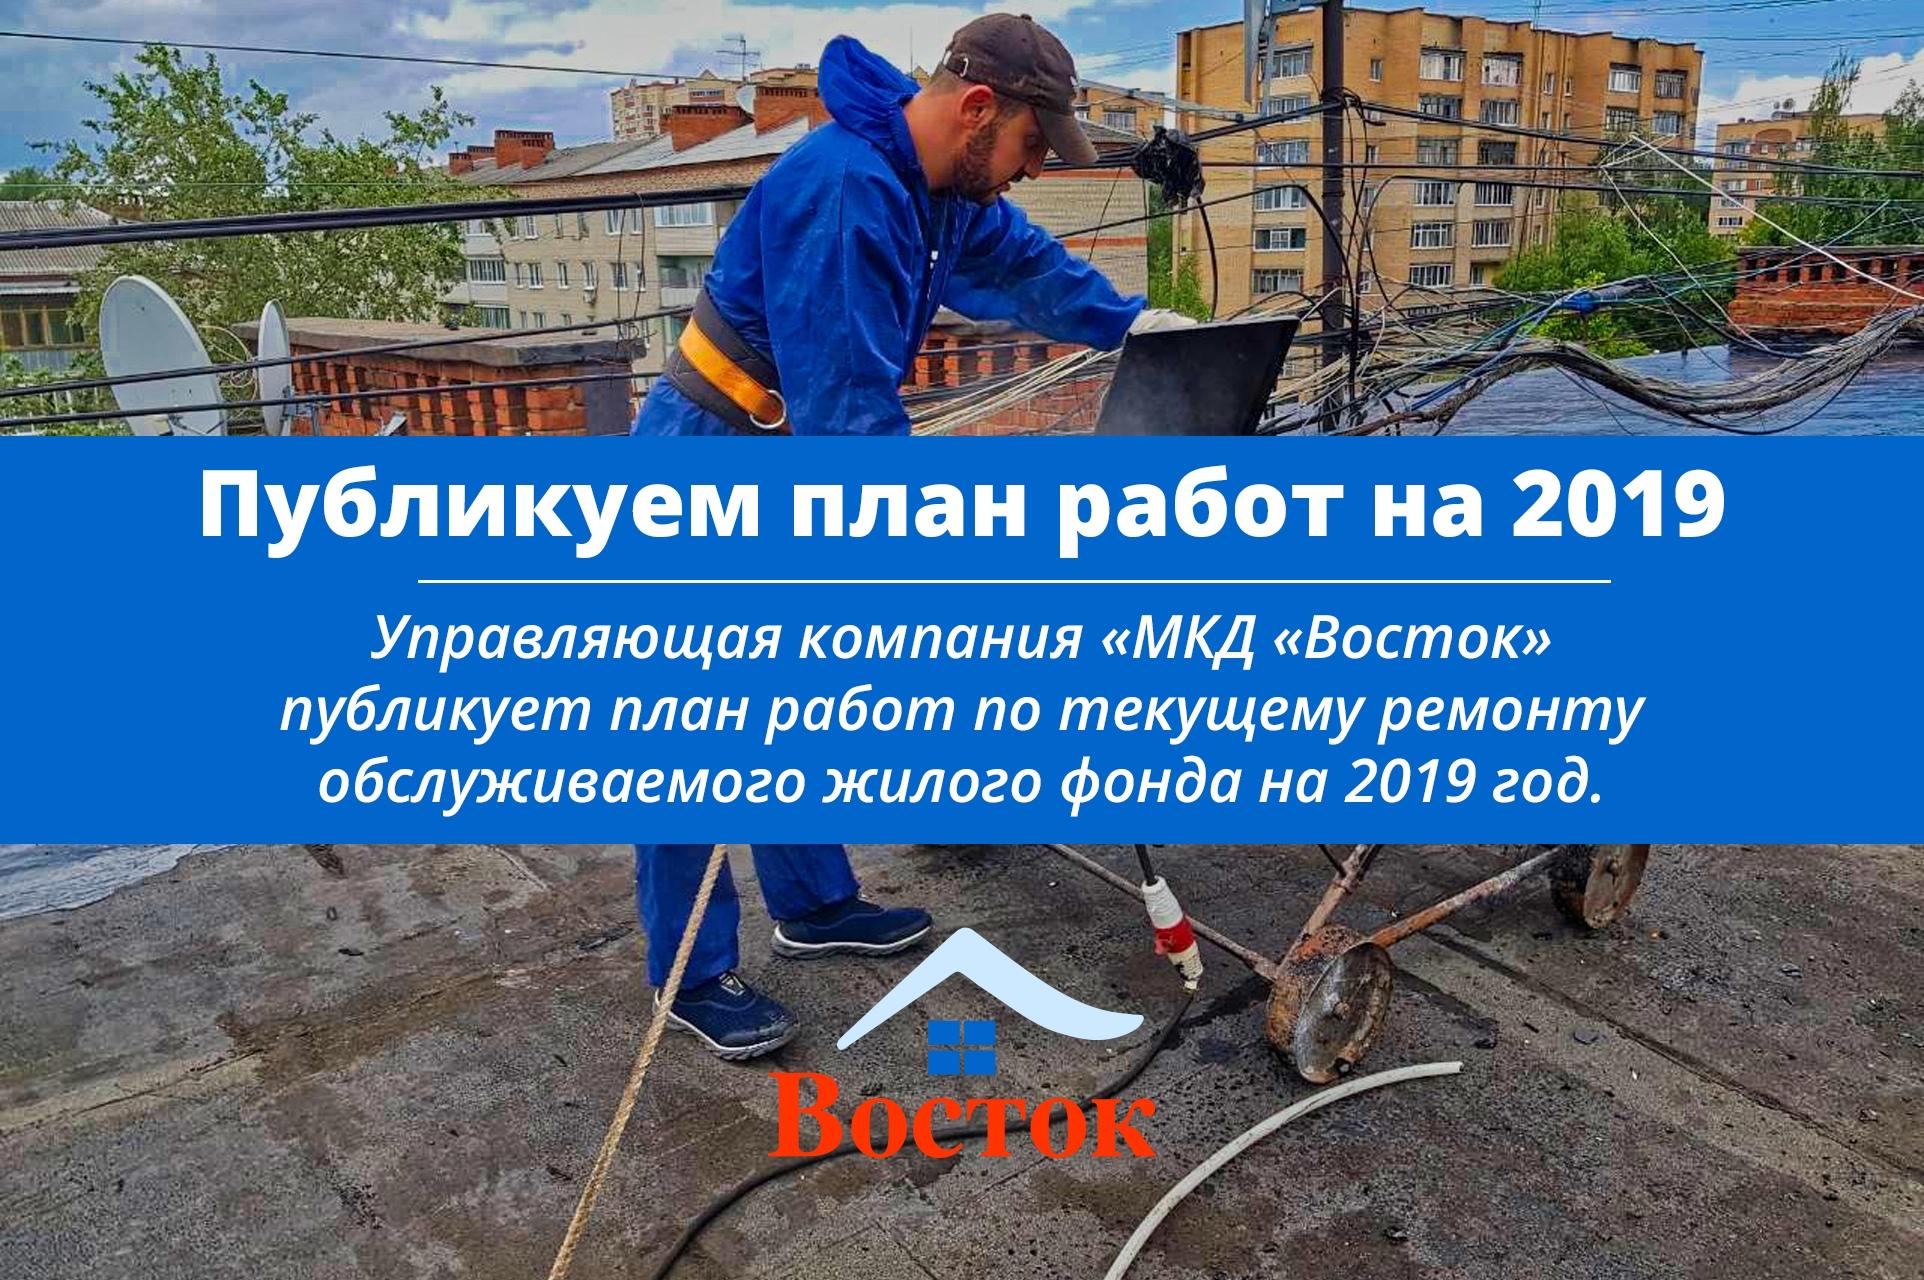 Публикуем план работ по текущему ремонту на 2019 год